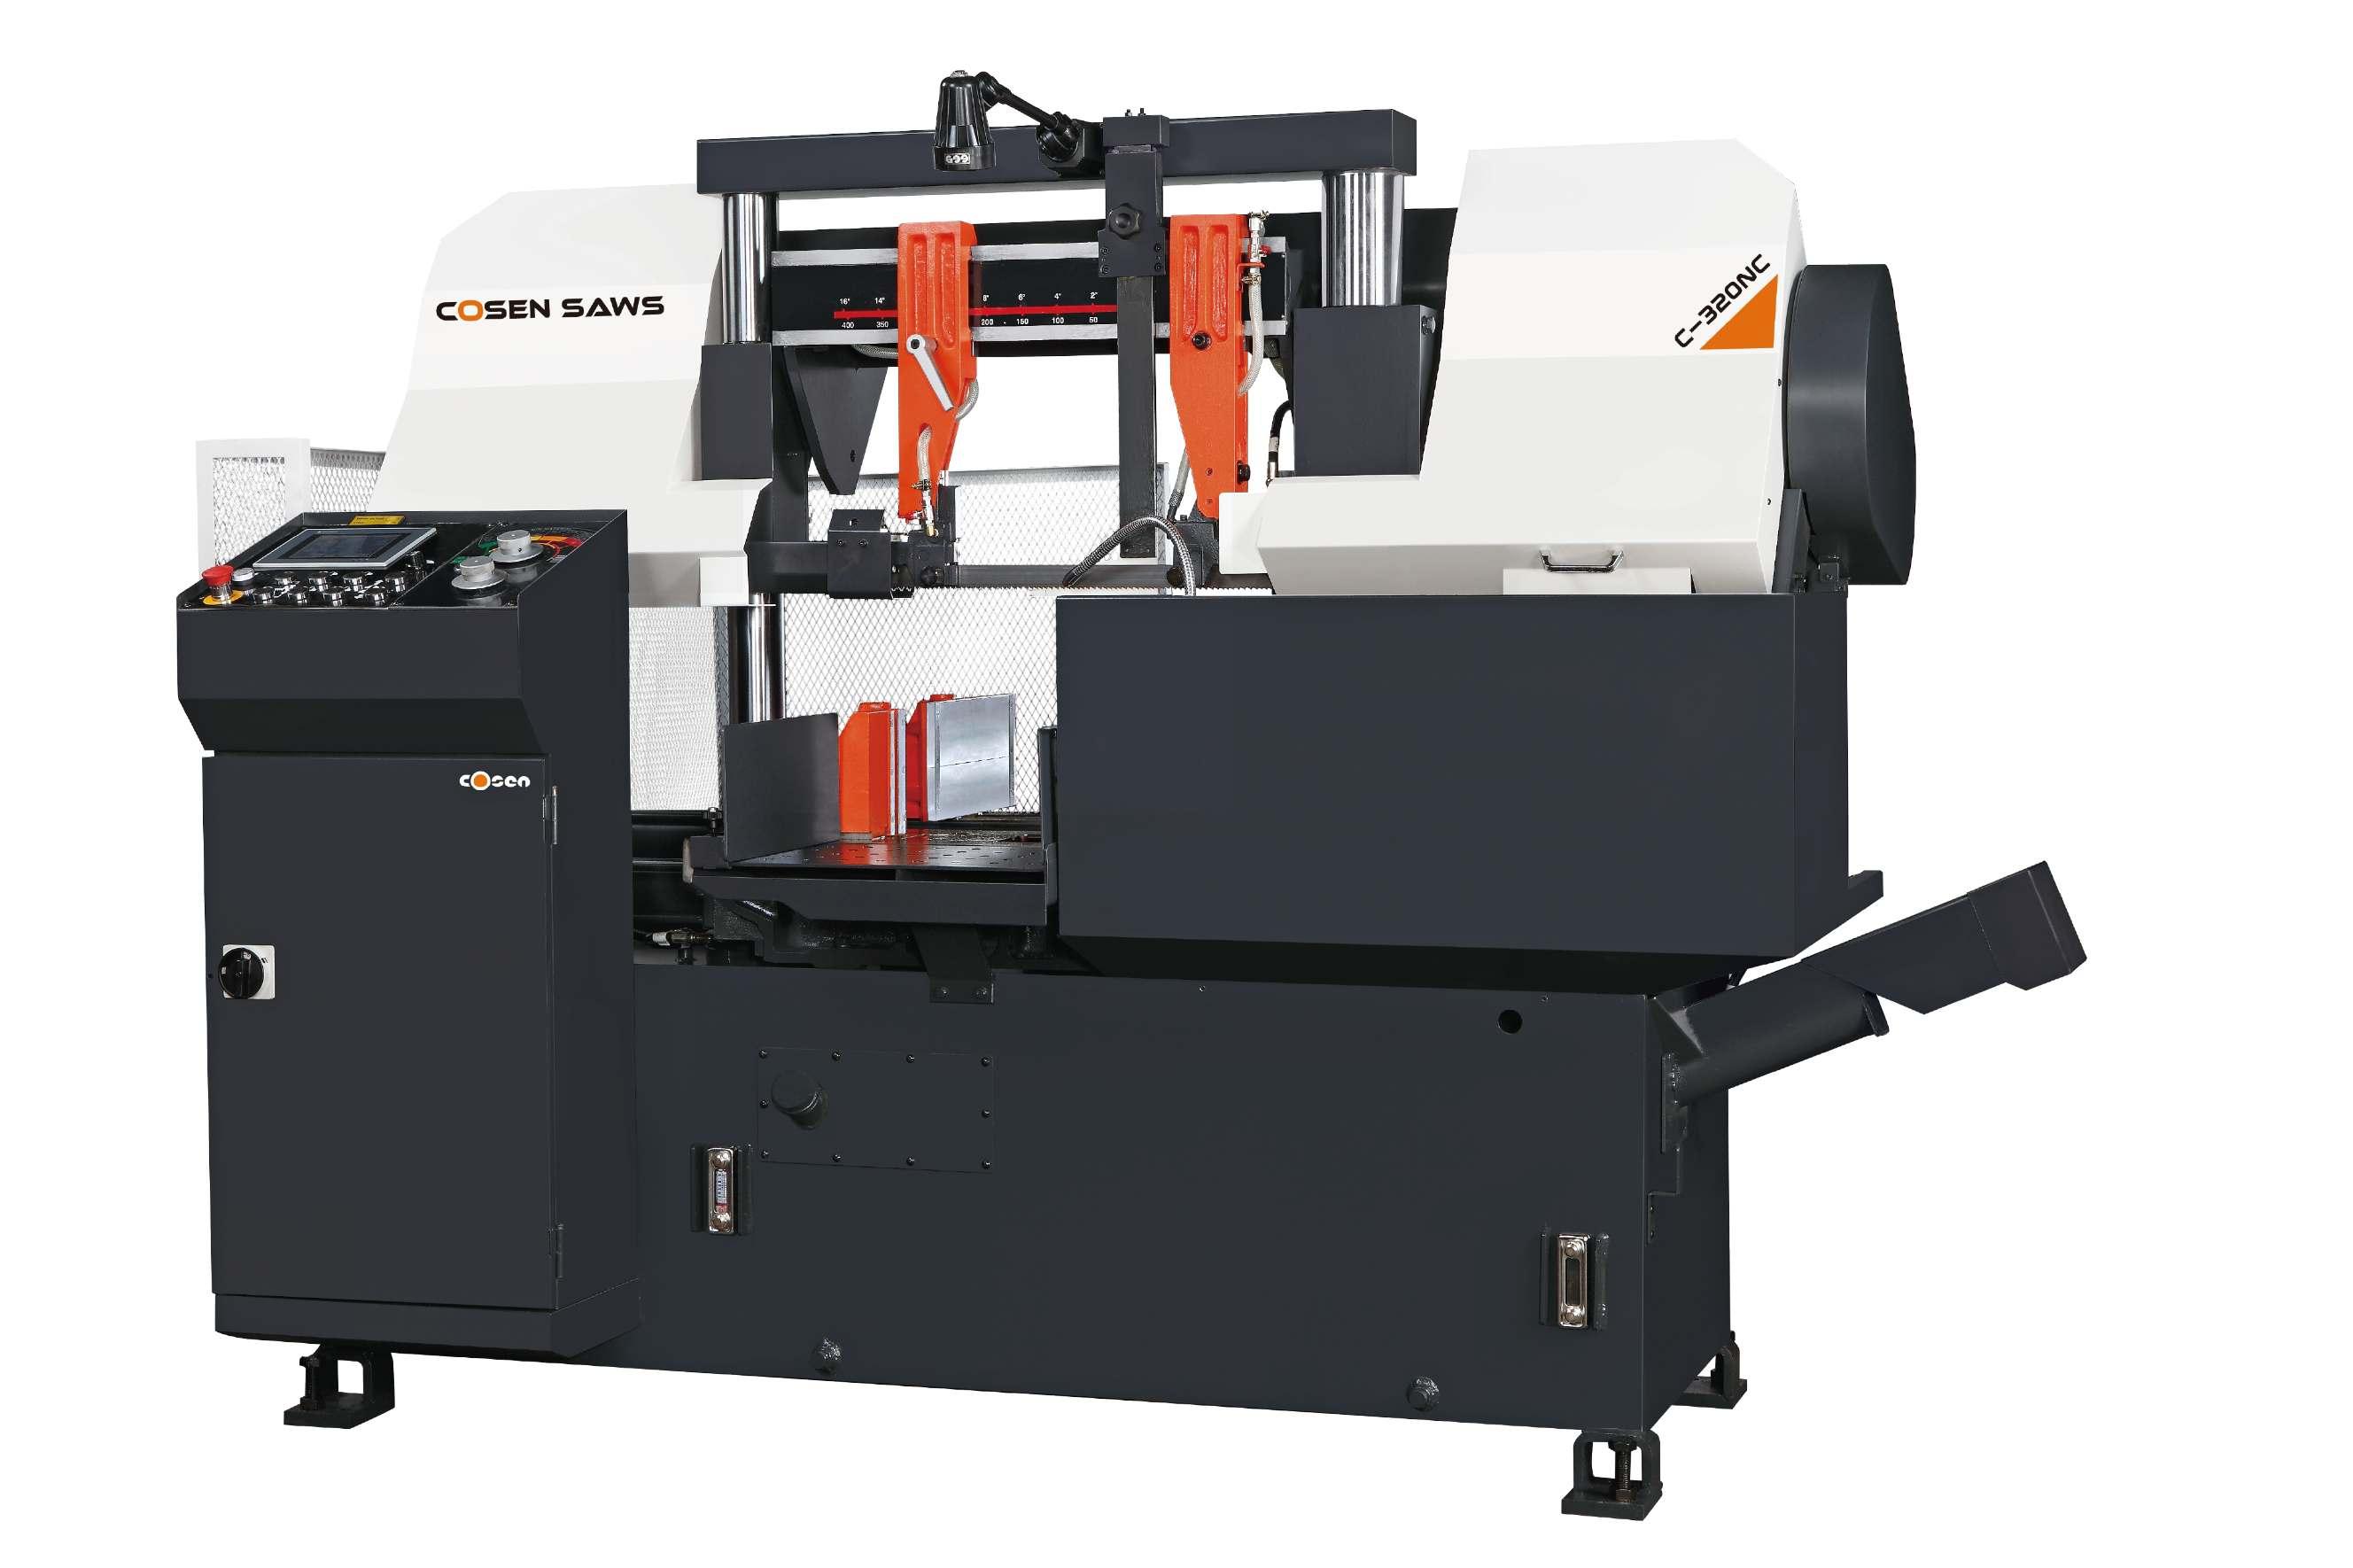 实用的双柱智慧型全自动带锯床品牌-优良双柱智慧型全自动带锯床C-320NC厂家推荐